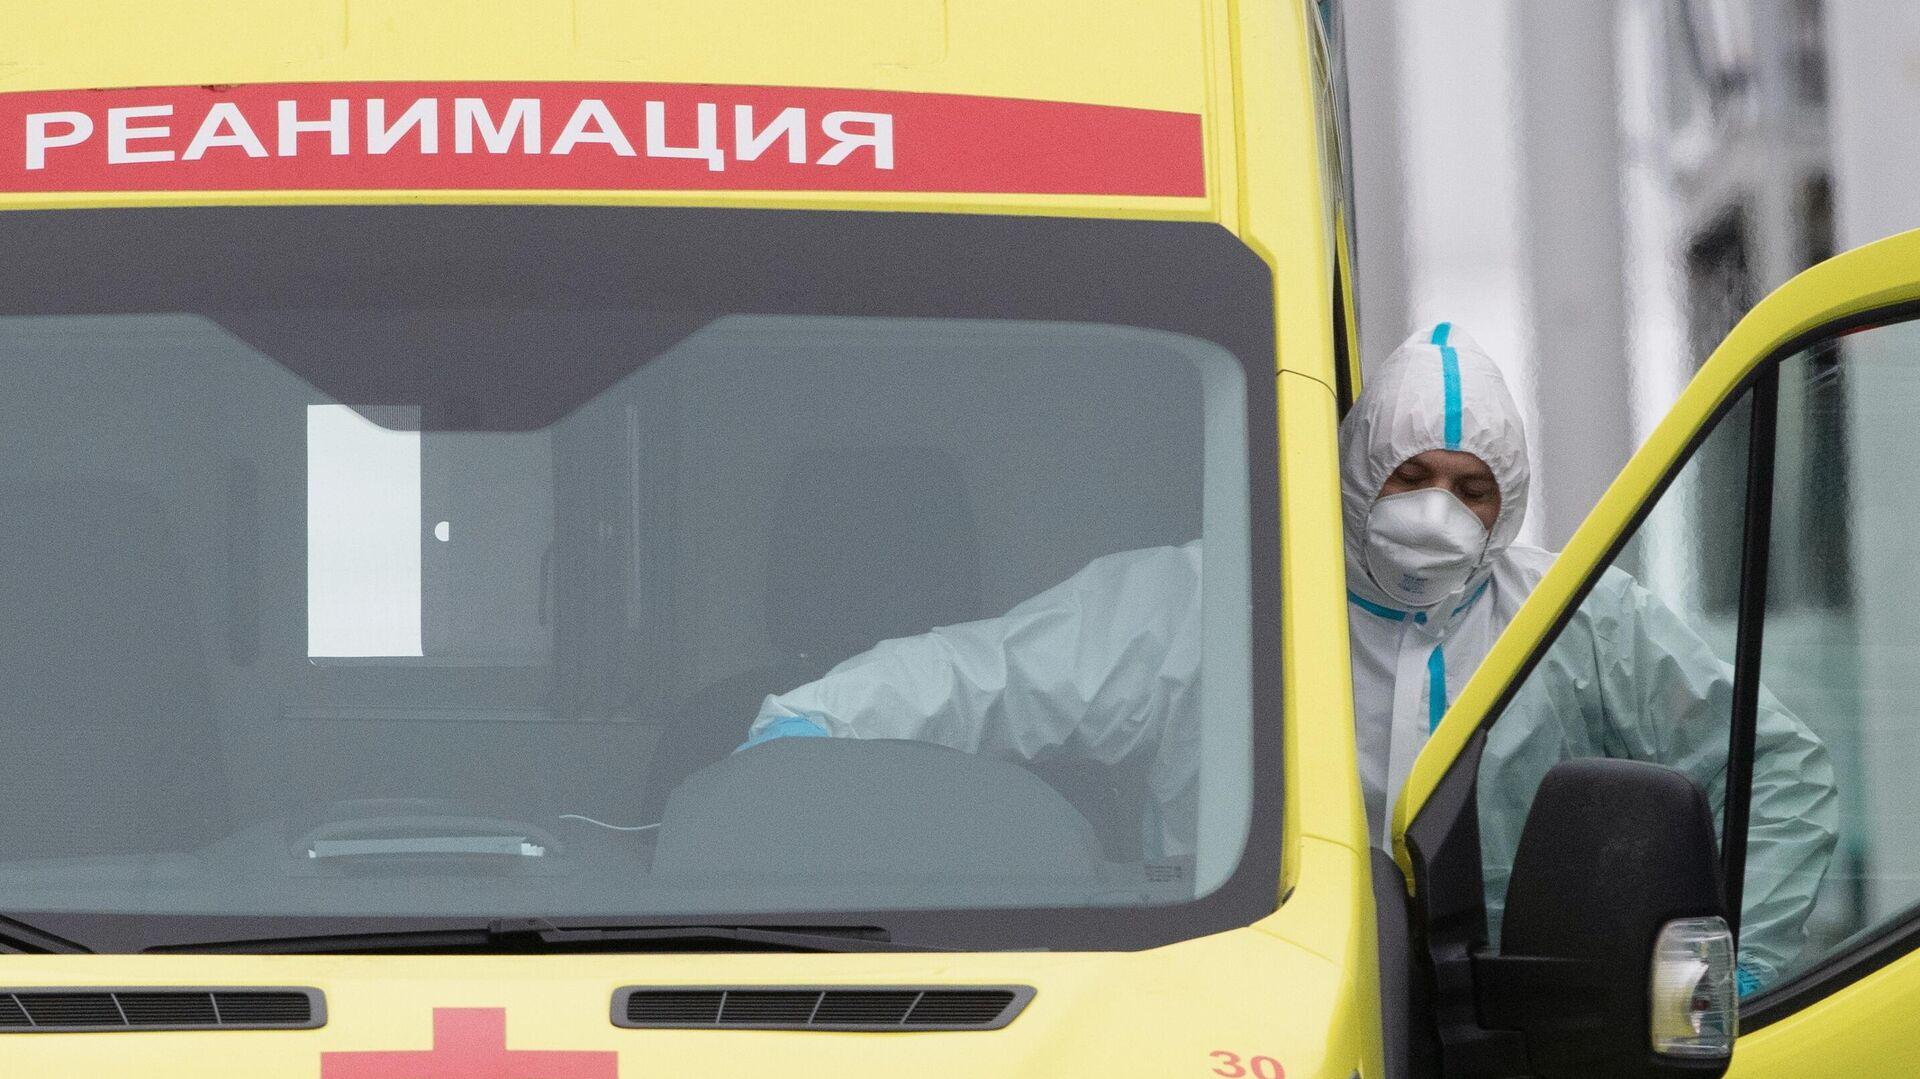 Медицинский работник в карантинном центре в Коммунарке - РИА Новости, 1920, 01.12.2020